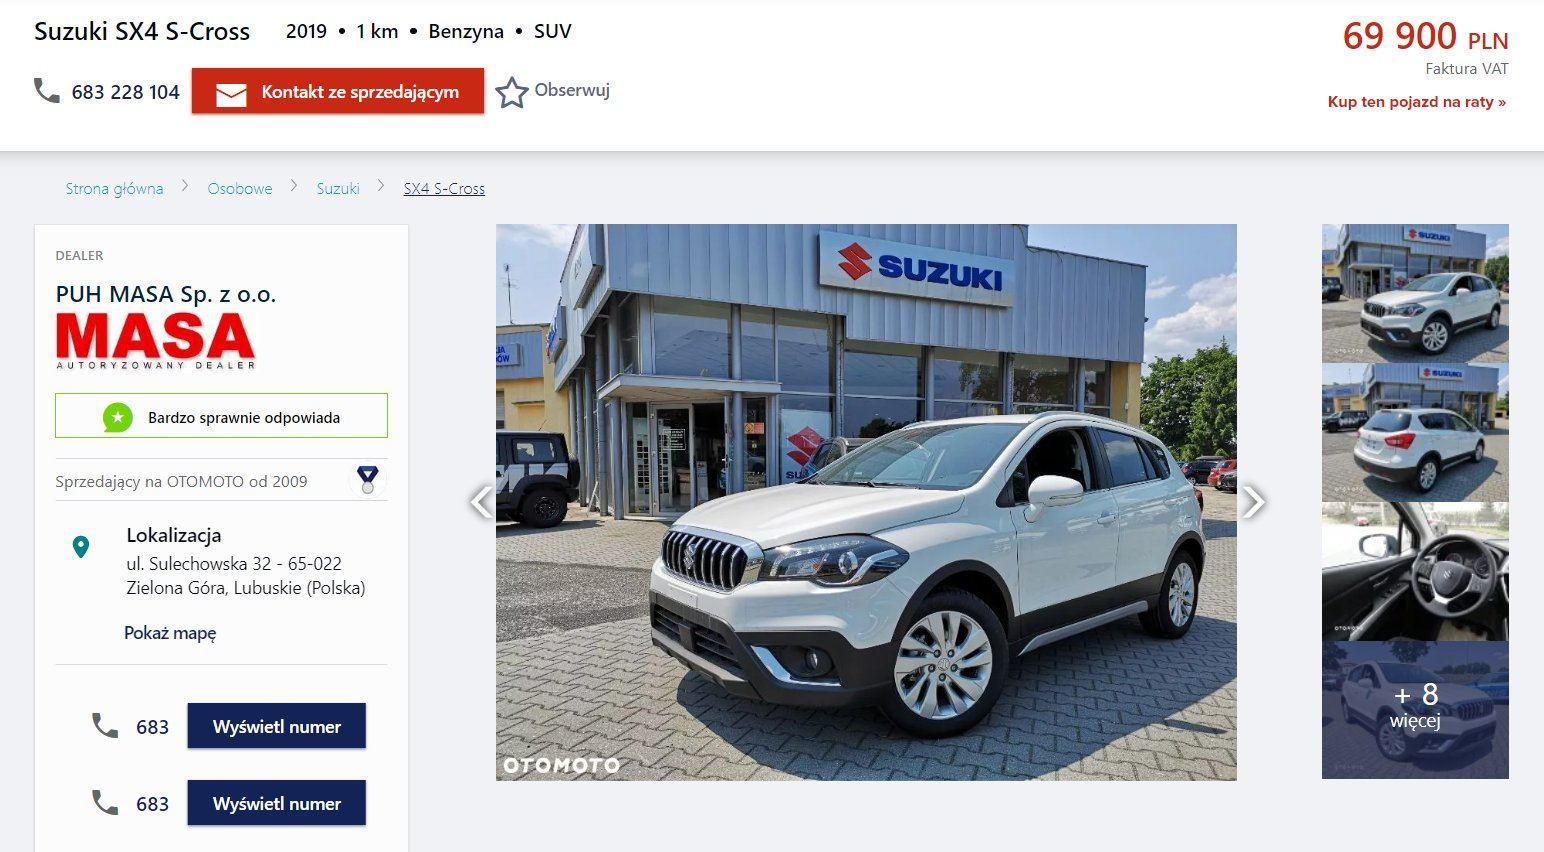 Oferta sprzedaży: Suzuki SX4 S-Cross, źródło: OtoMoto